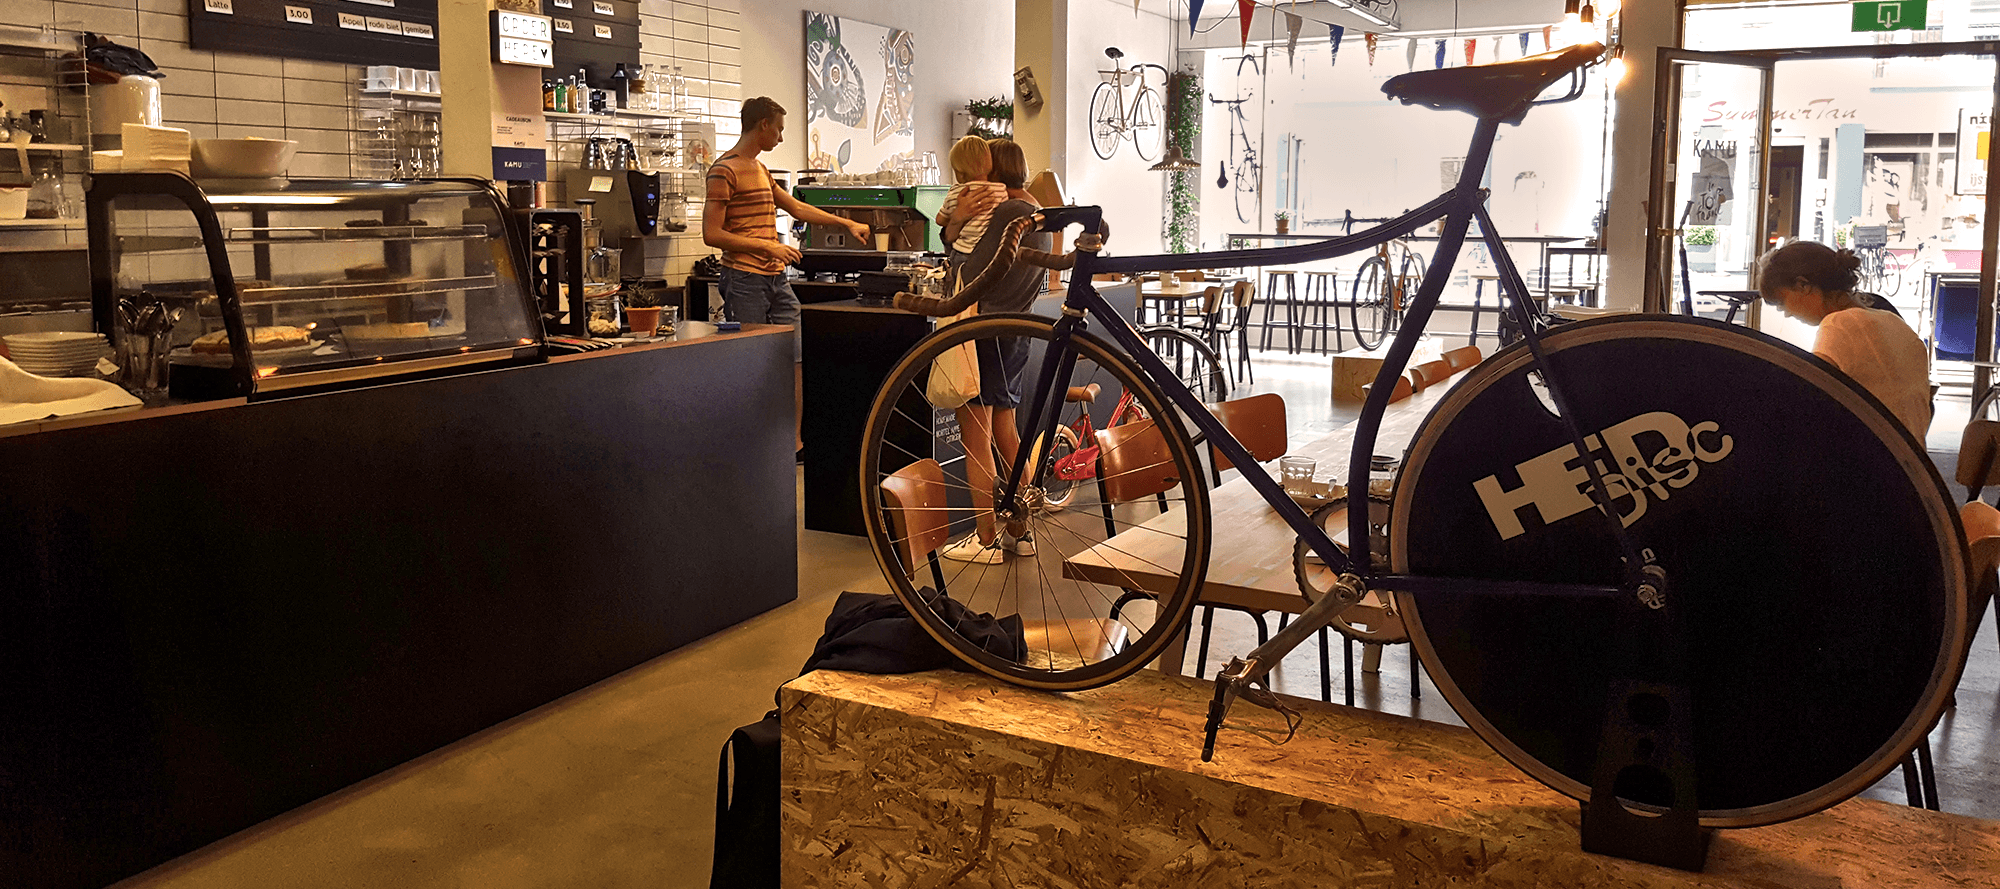 Is het een koffietentje of een fietsenzaak? Kamu Breda